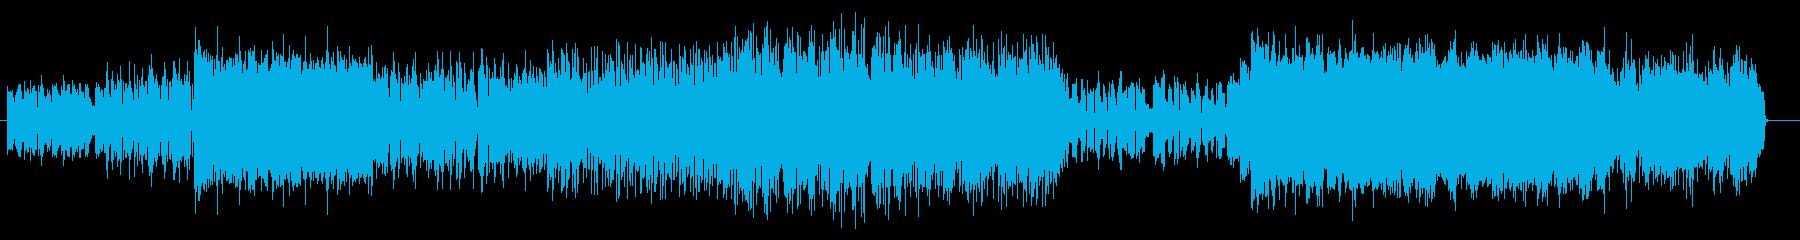 疾走感のある叙情的なエレクトロポップスの再生済みの波形